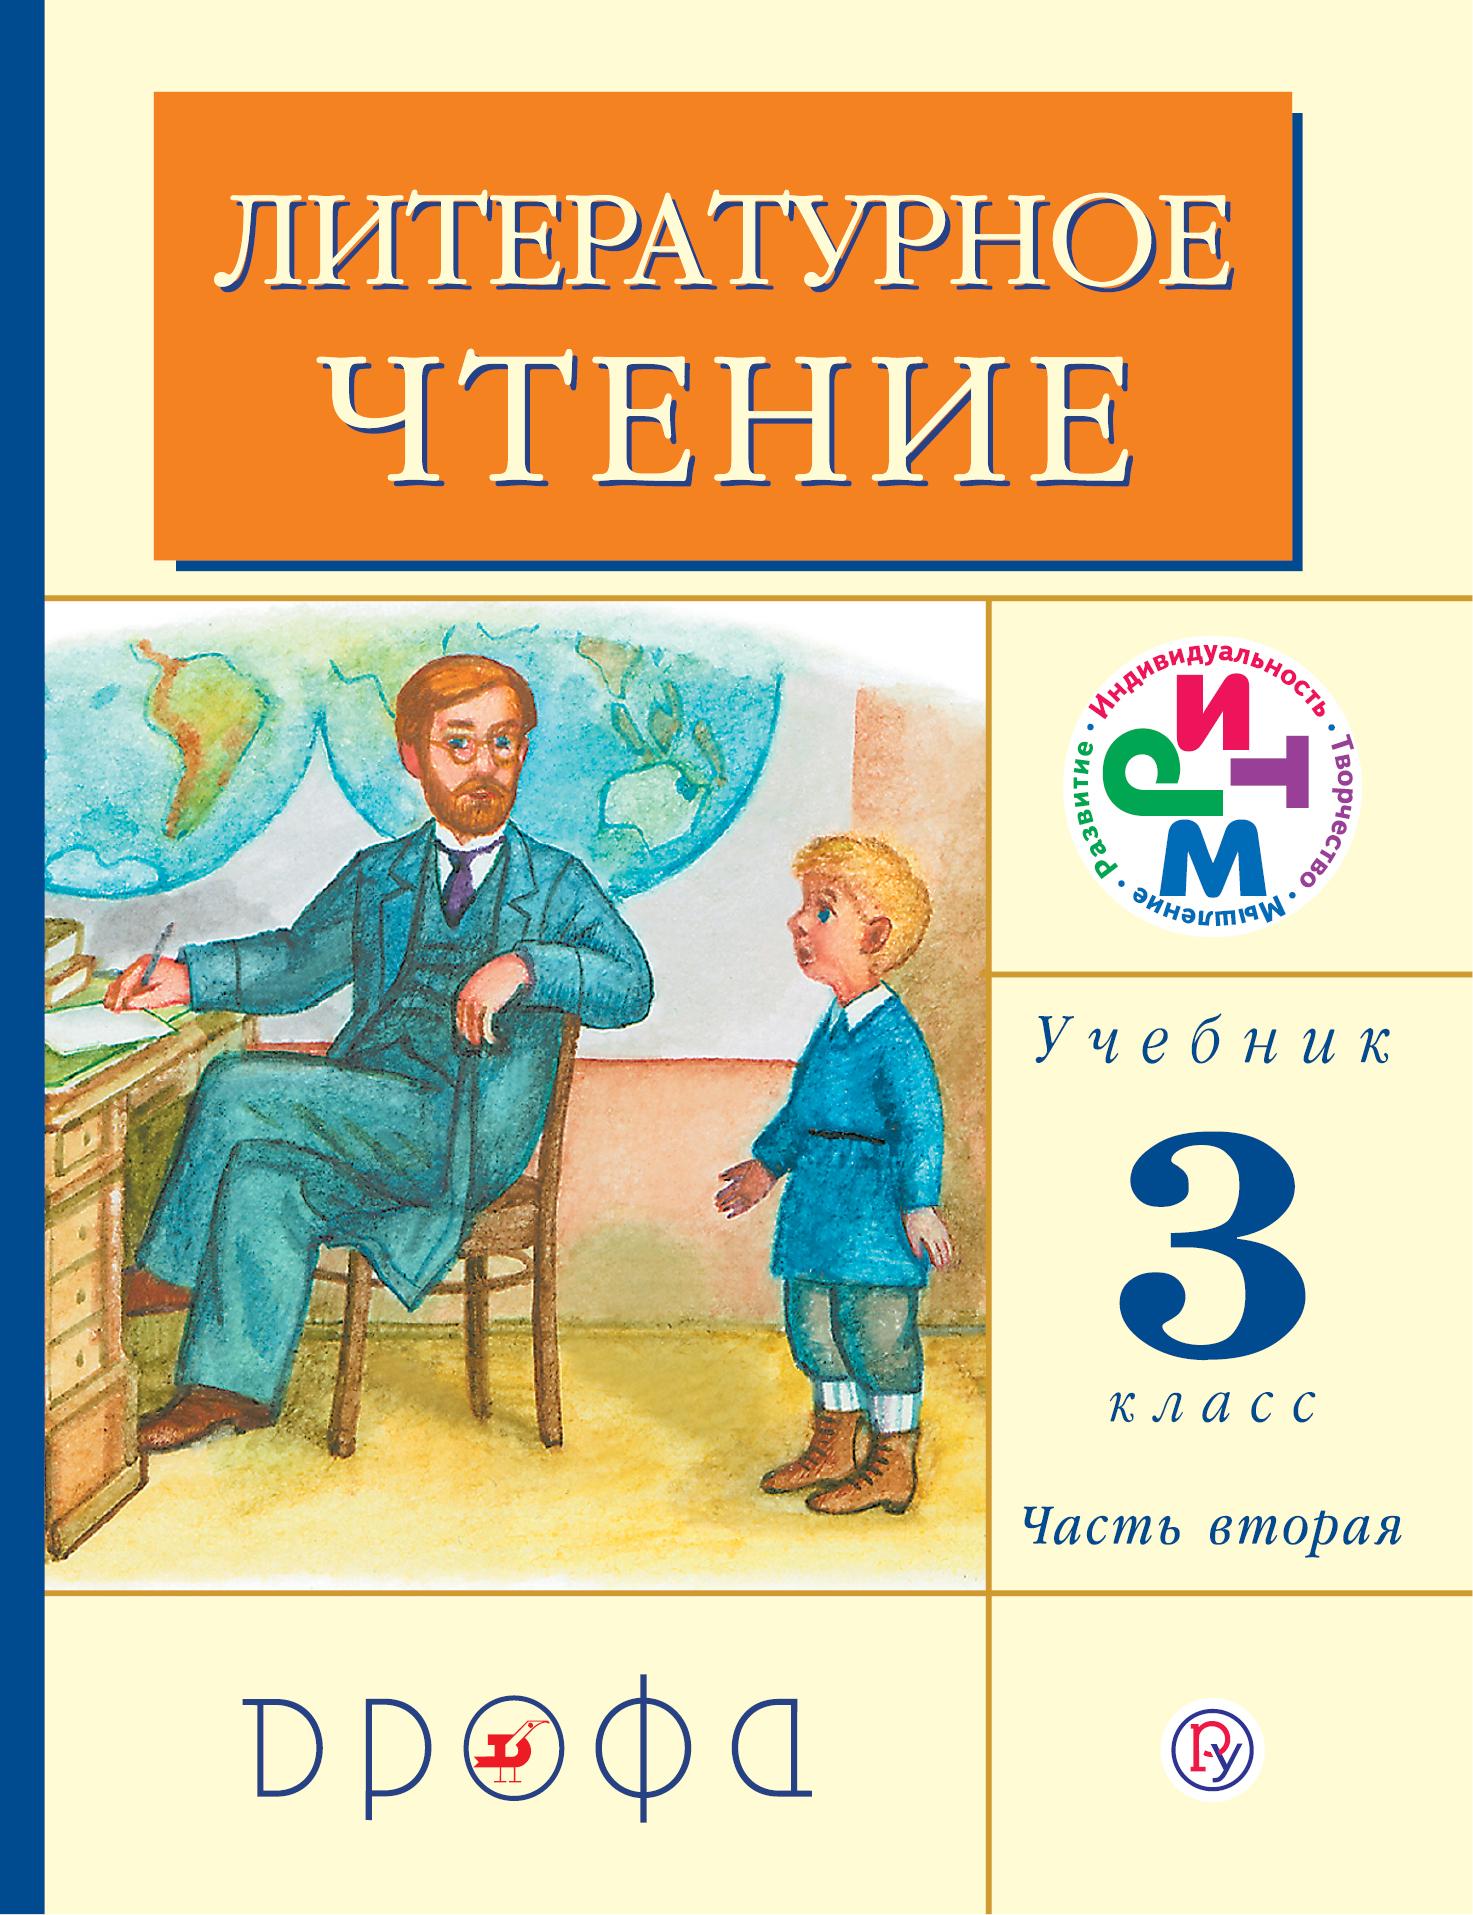 Г. М. Грехнева, К. Е. Корепова Литературное чтение. 3 класс. Учебник. В 2 частях. Часть 2 г м грехнева к е корепова литературное чтение 4 класс учебник в 3 частях часть 2